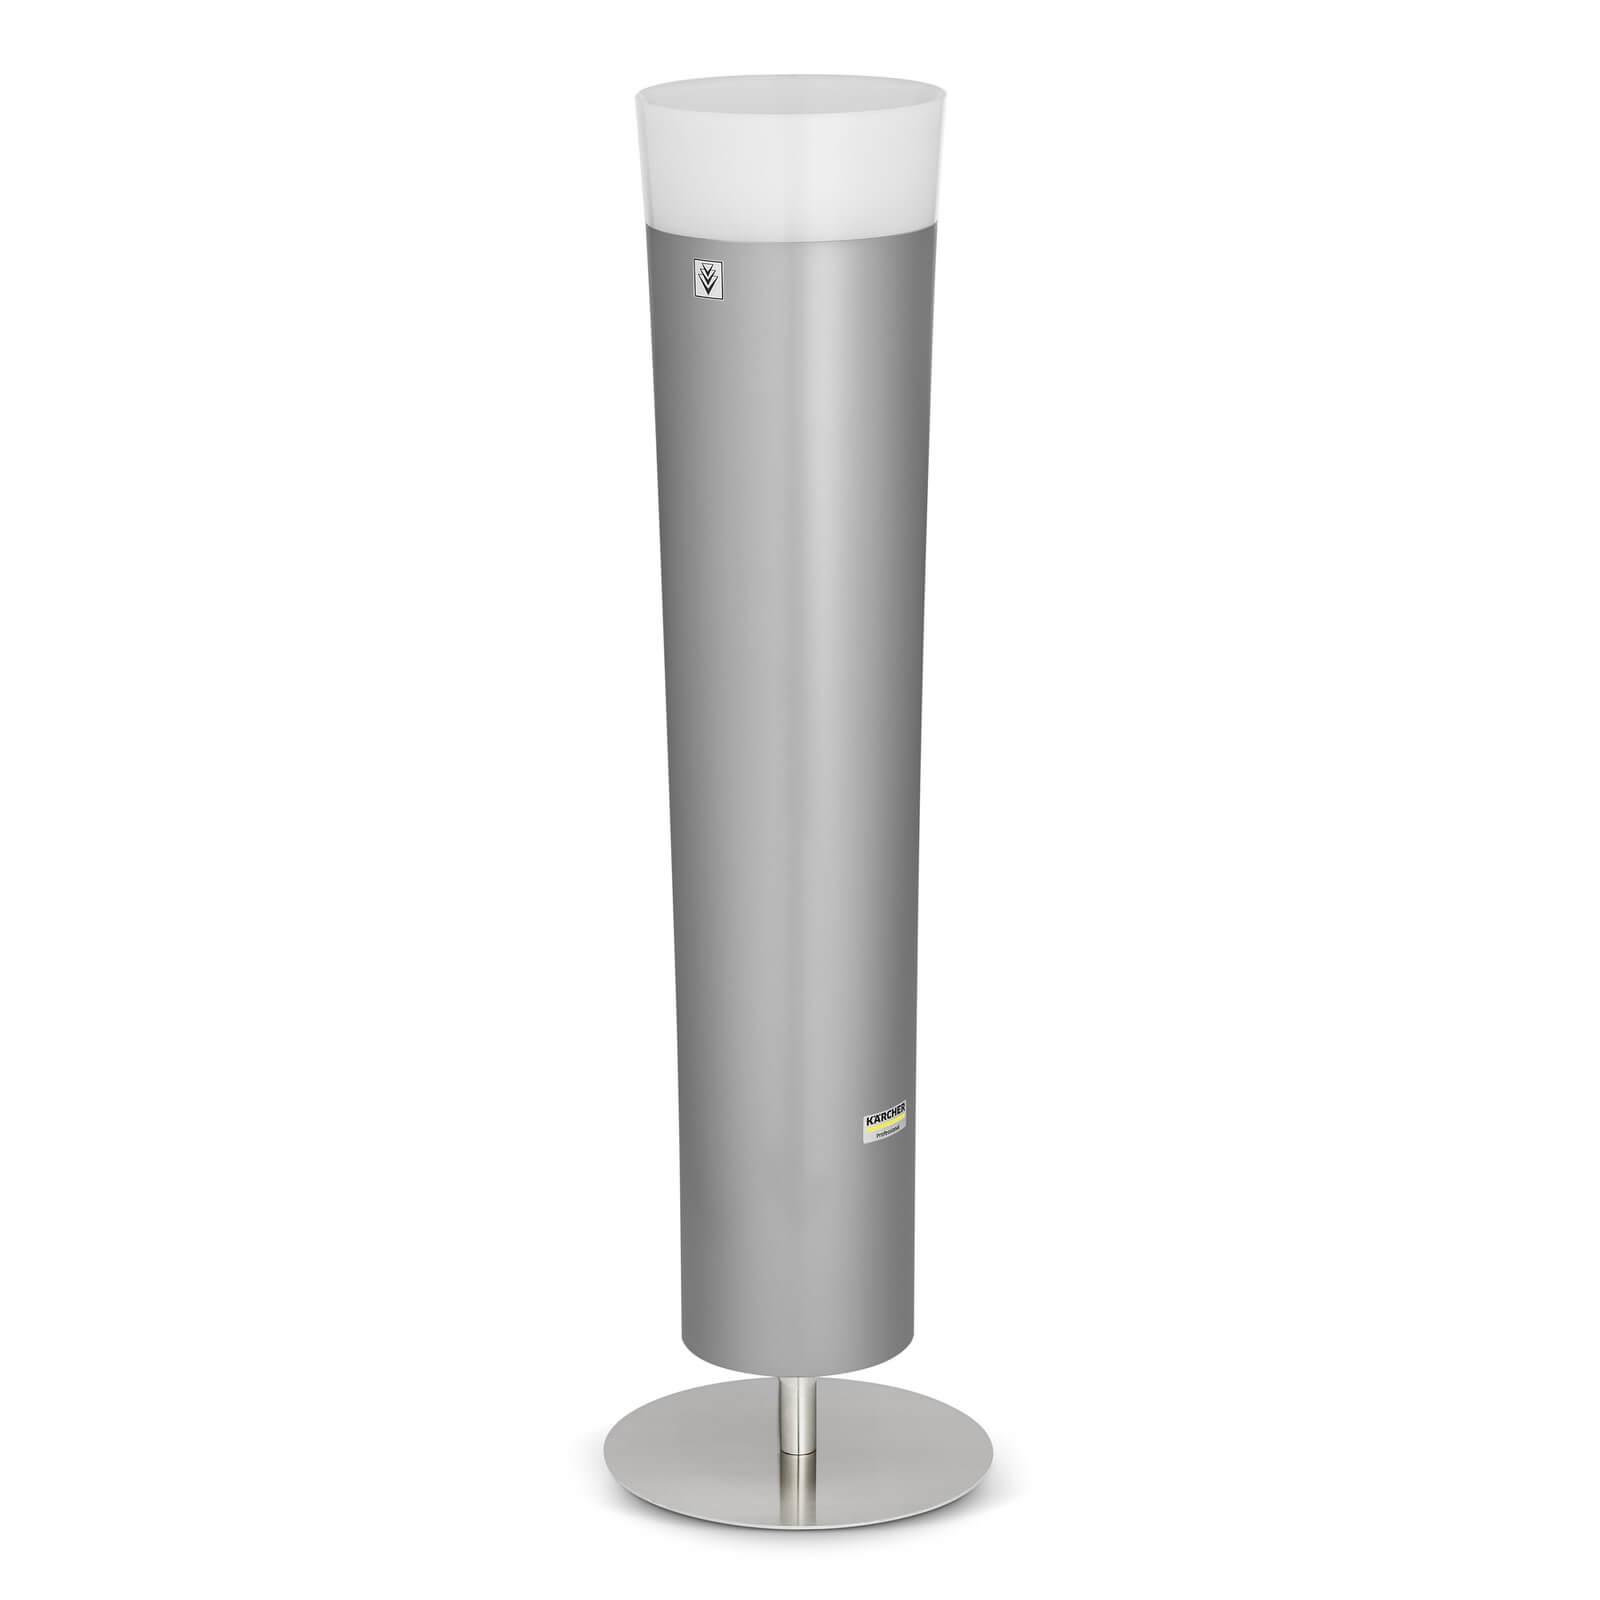 Воздухоочиститель Karcher Air Purifier AFG 100, антрацитовый